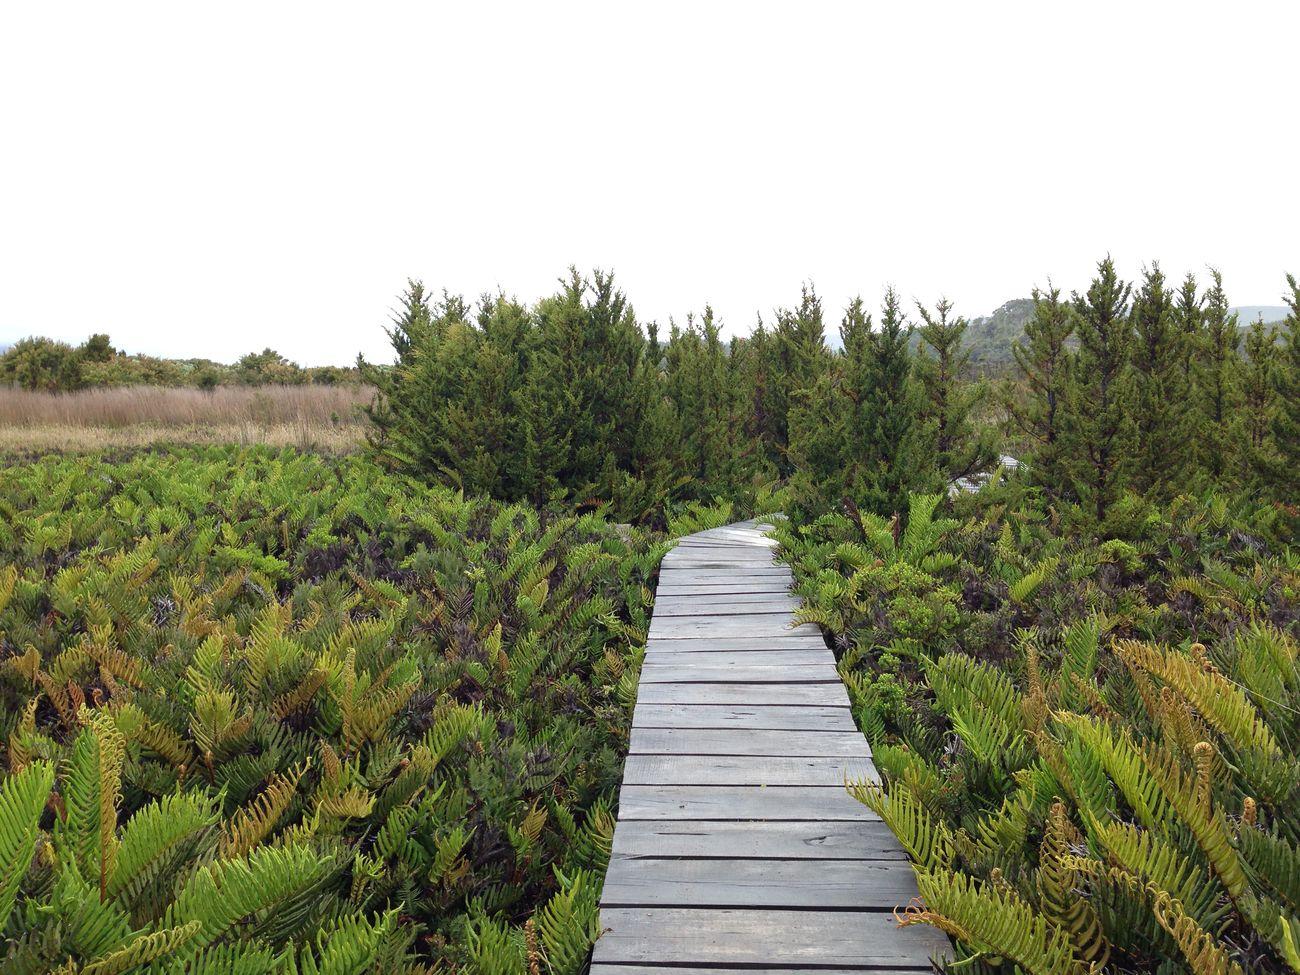 Paisajismo y Jardineria en Bogota. Diseño de jardines